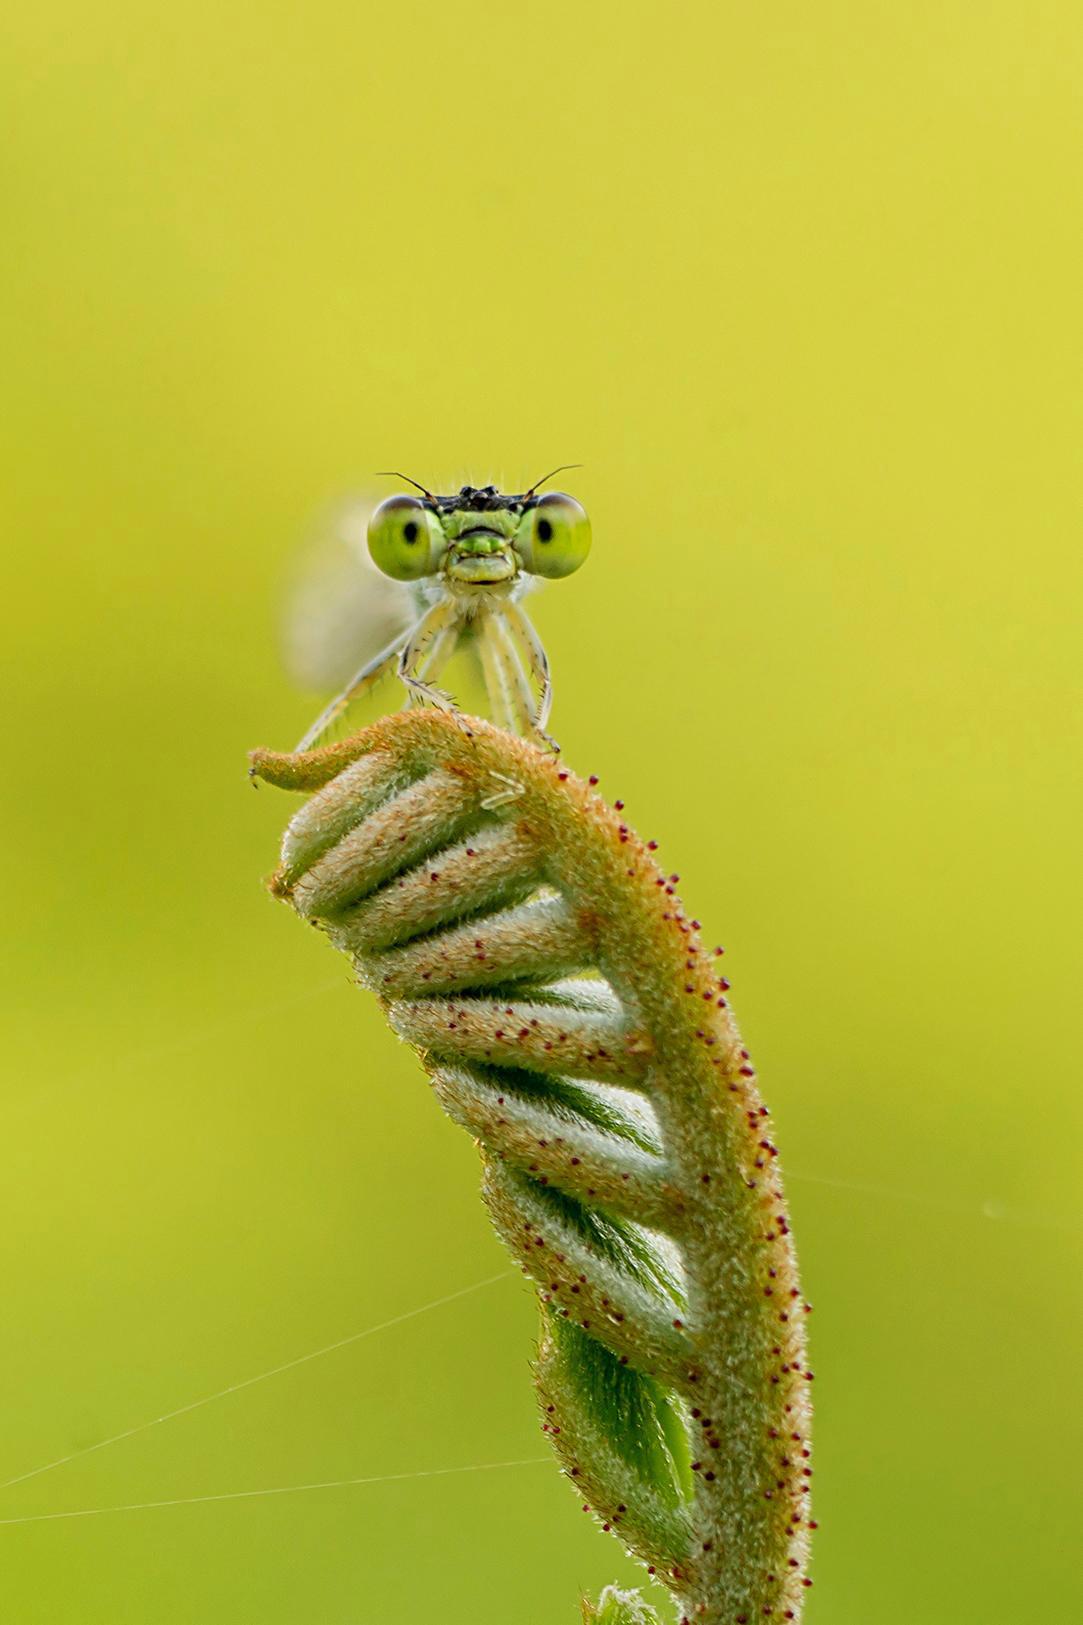 Прекрасная стрекоза в саду, © Приянк Дхами, 3 место в категории «Сад дикой природы», Фотоконкурс RHS Photographic